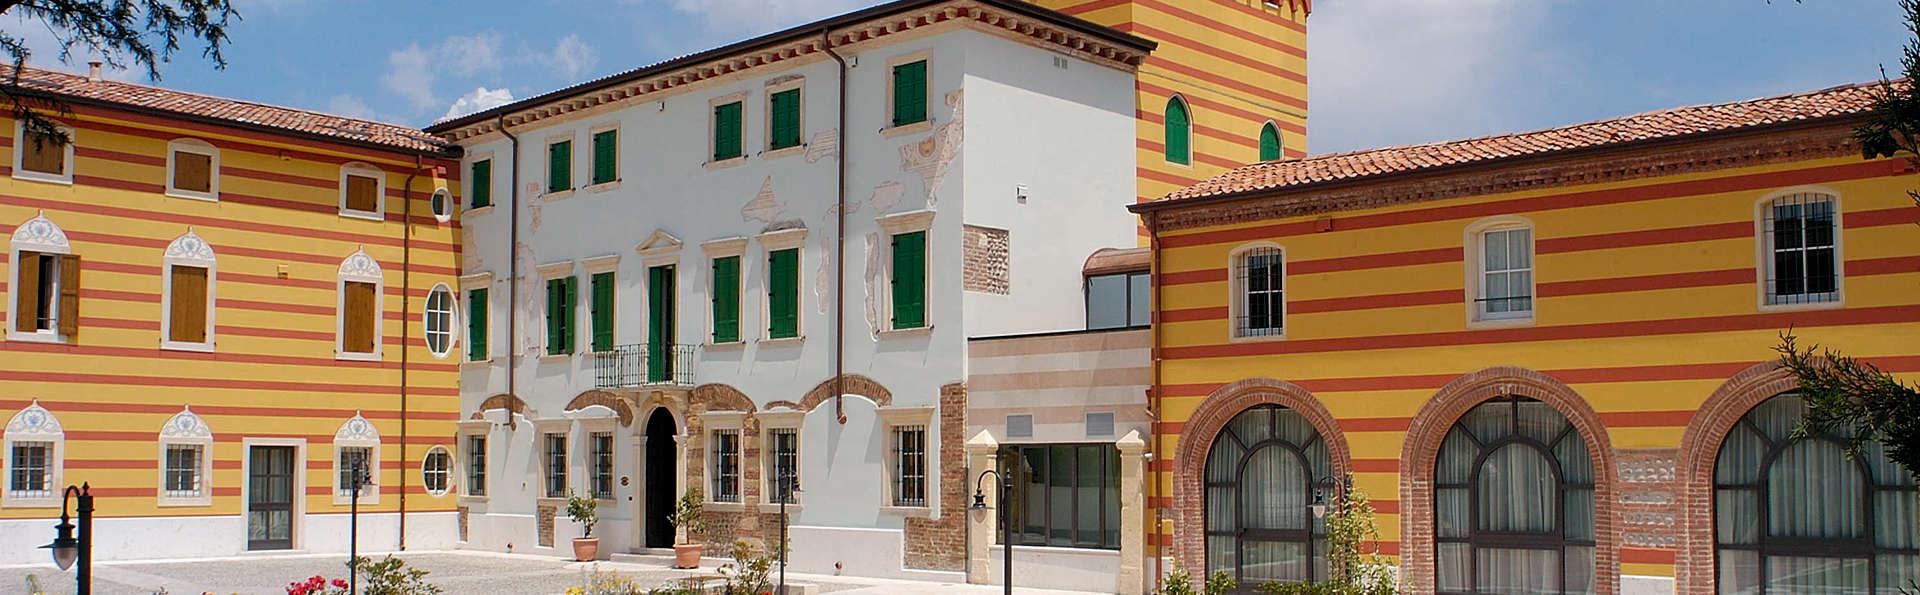 Hotel Villa Malaspina - edit_facade1.jpg